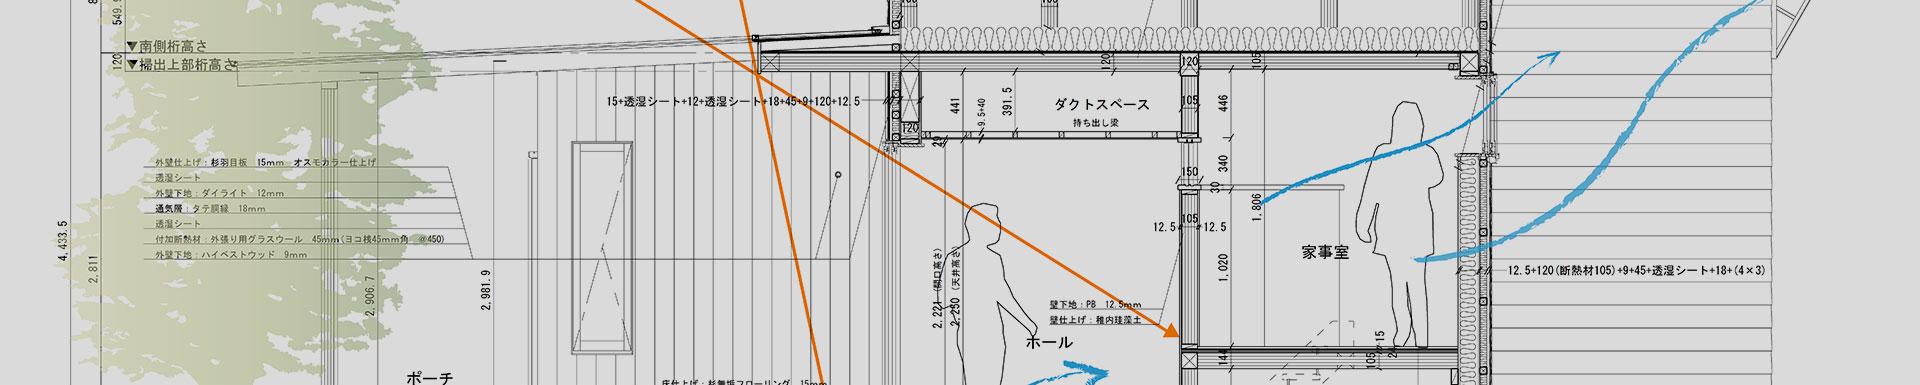 建道の「すまい」への考え方